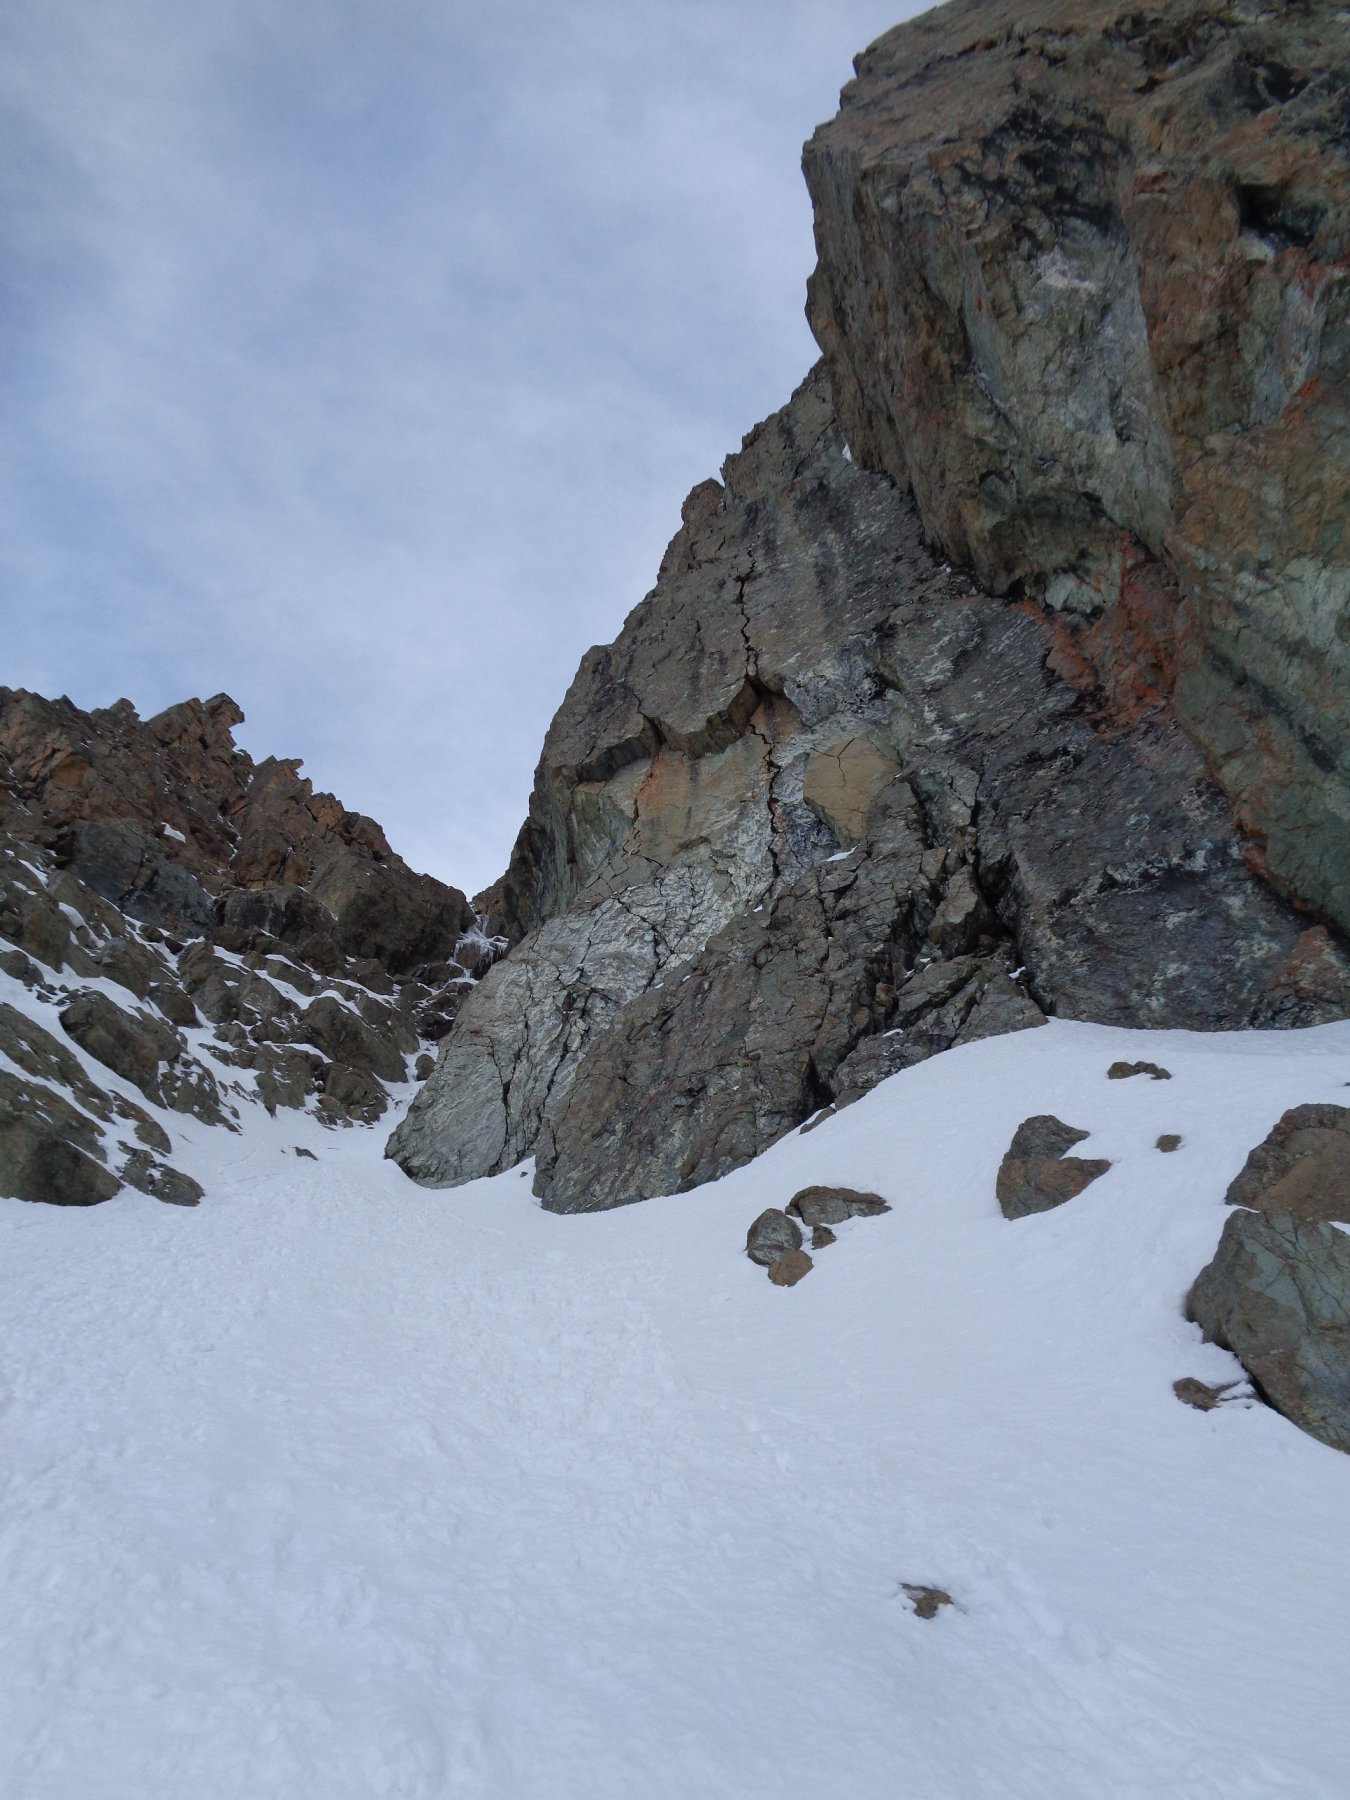 In vista della prima strozzatura, in alto al centro il diedrino ghiacciato crux della via